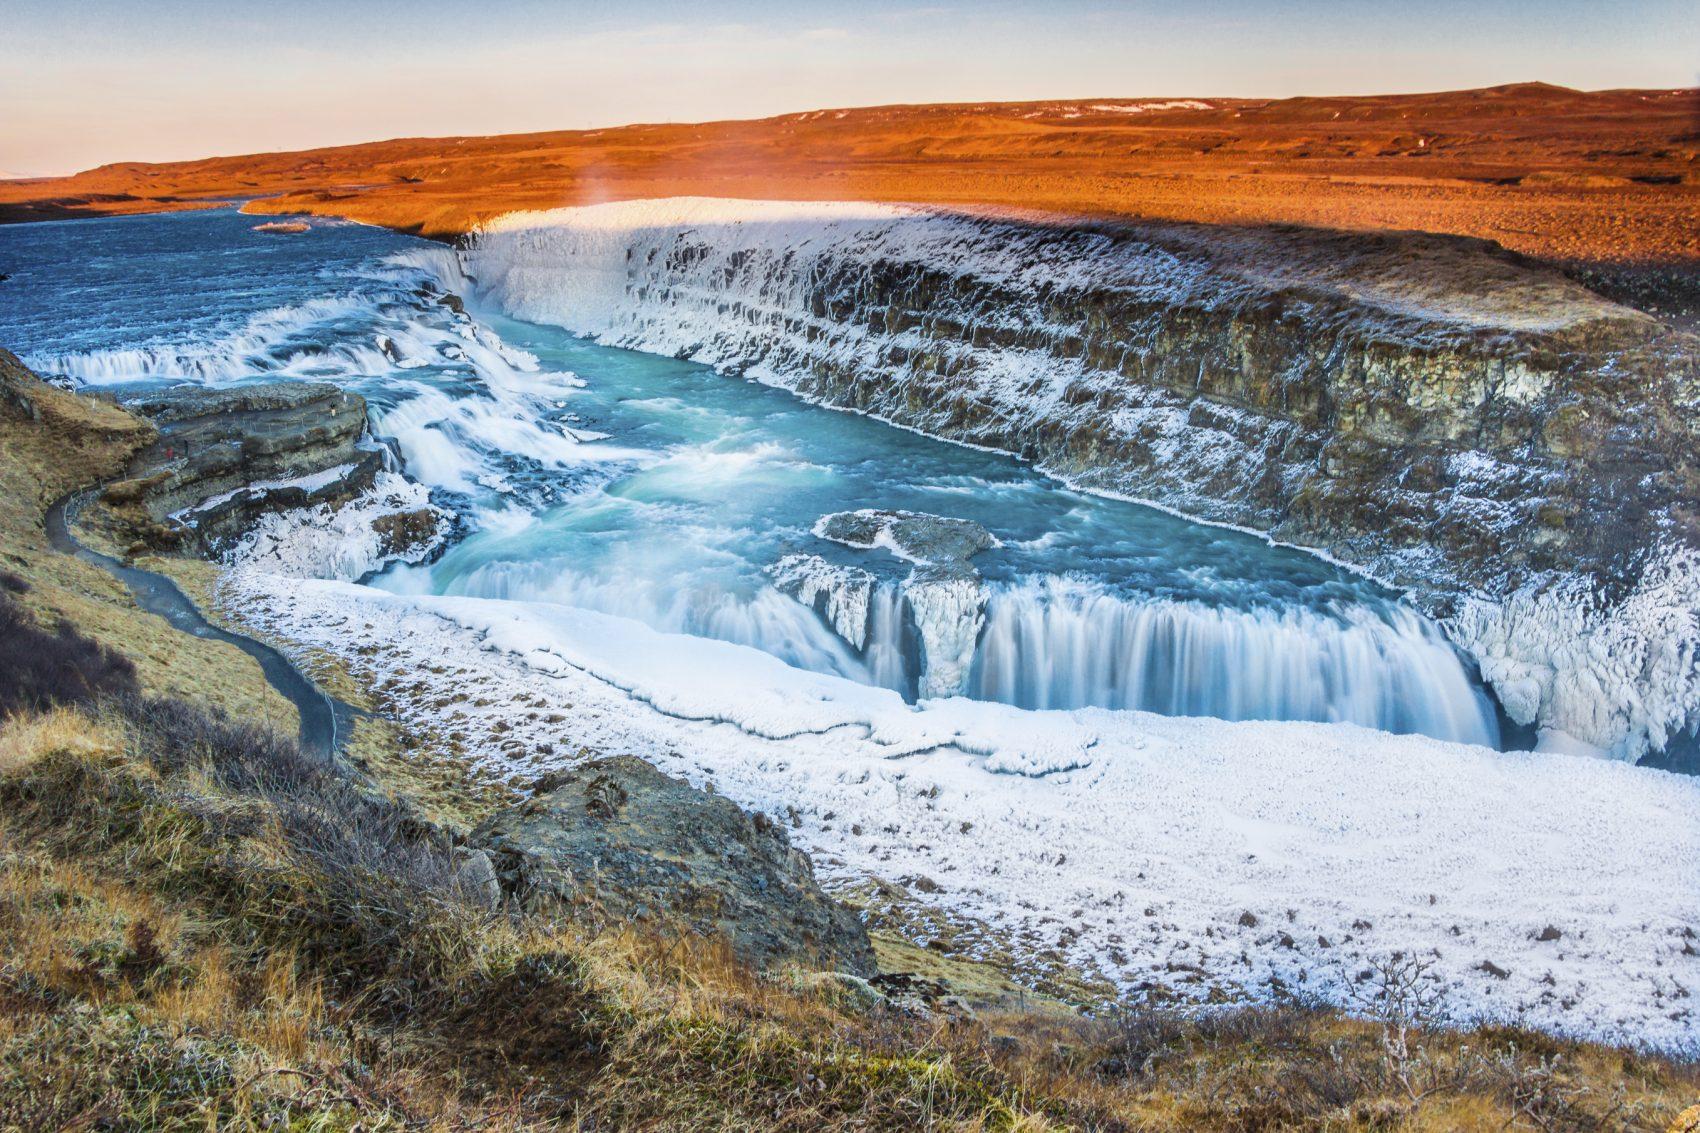 Amazing iceland shot